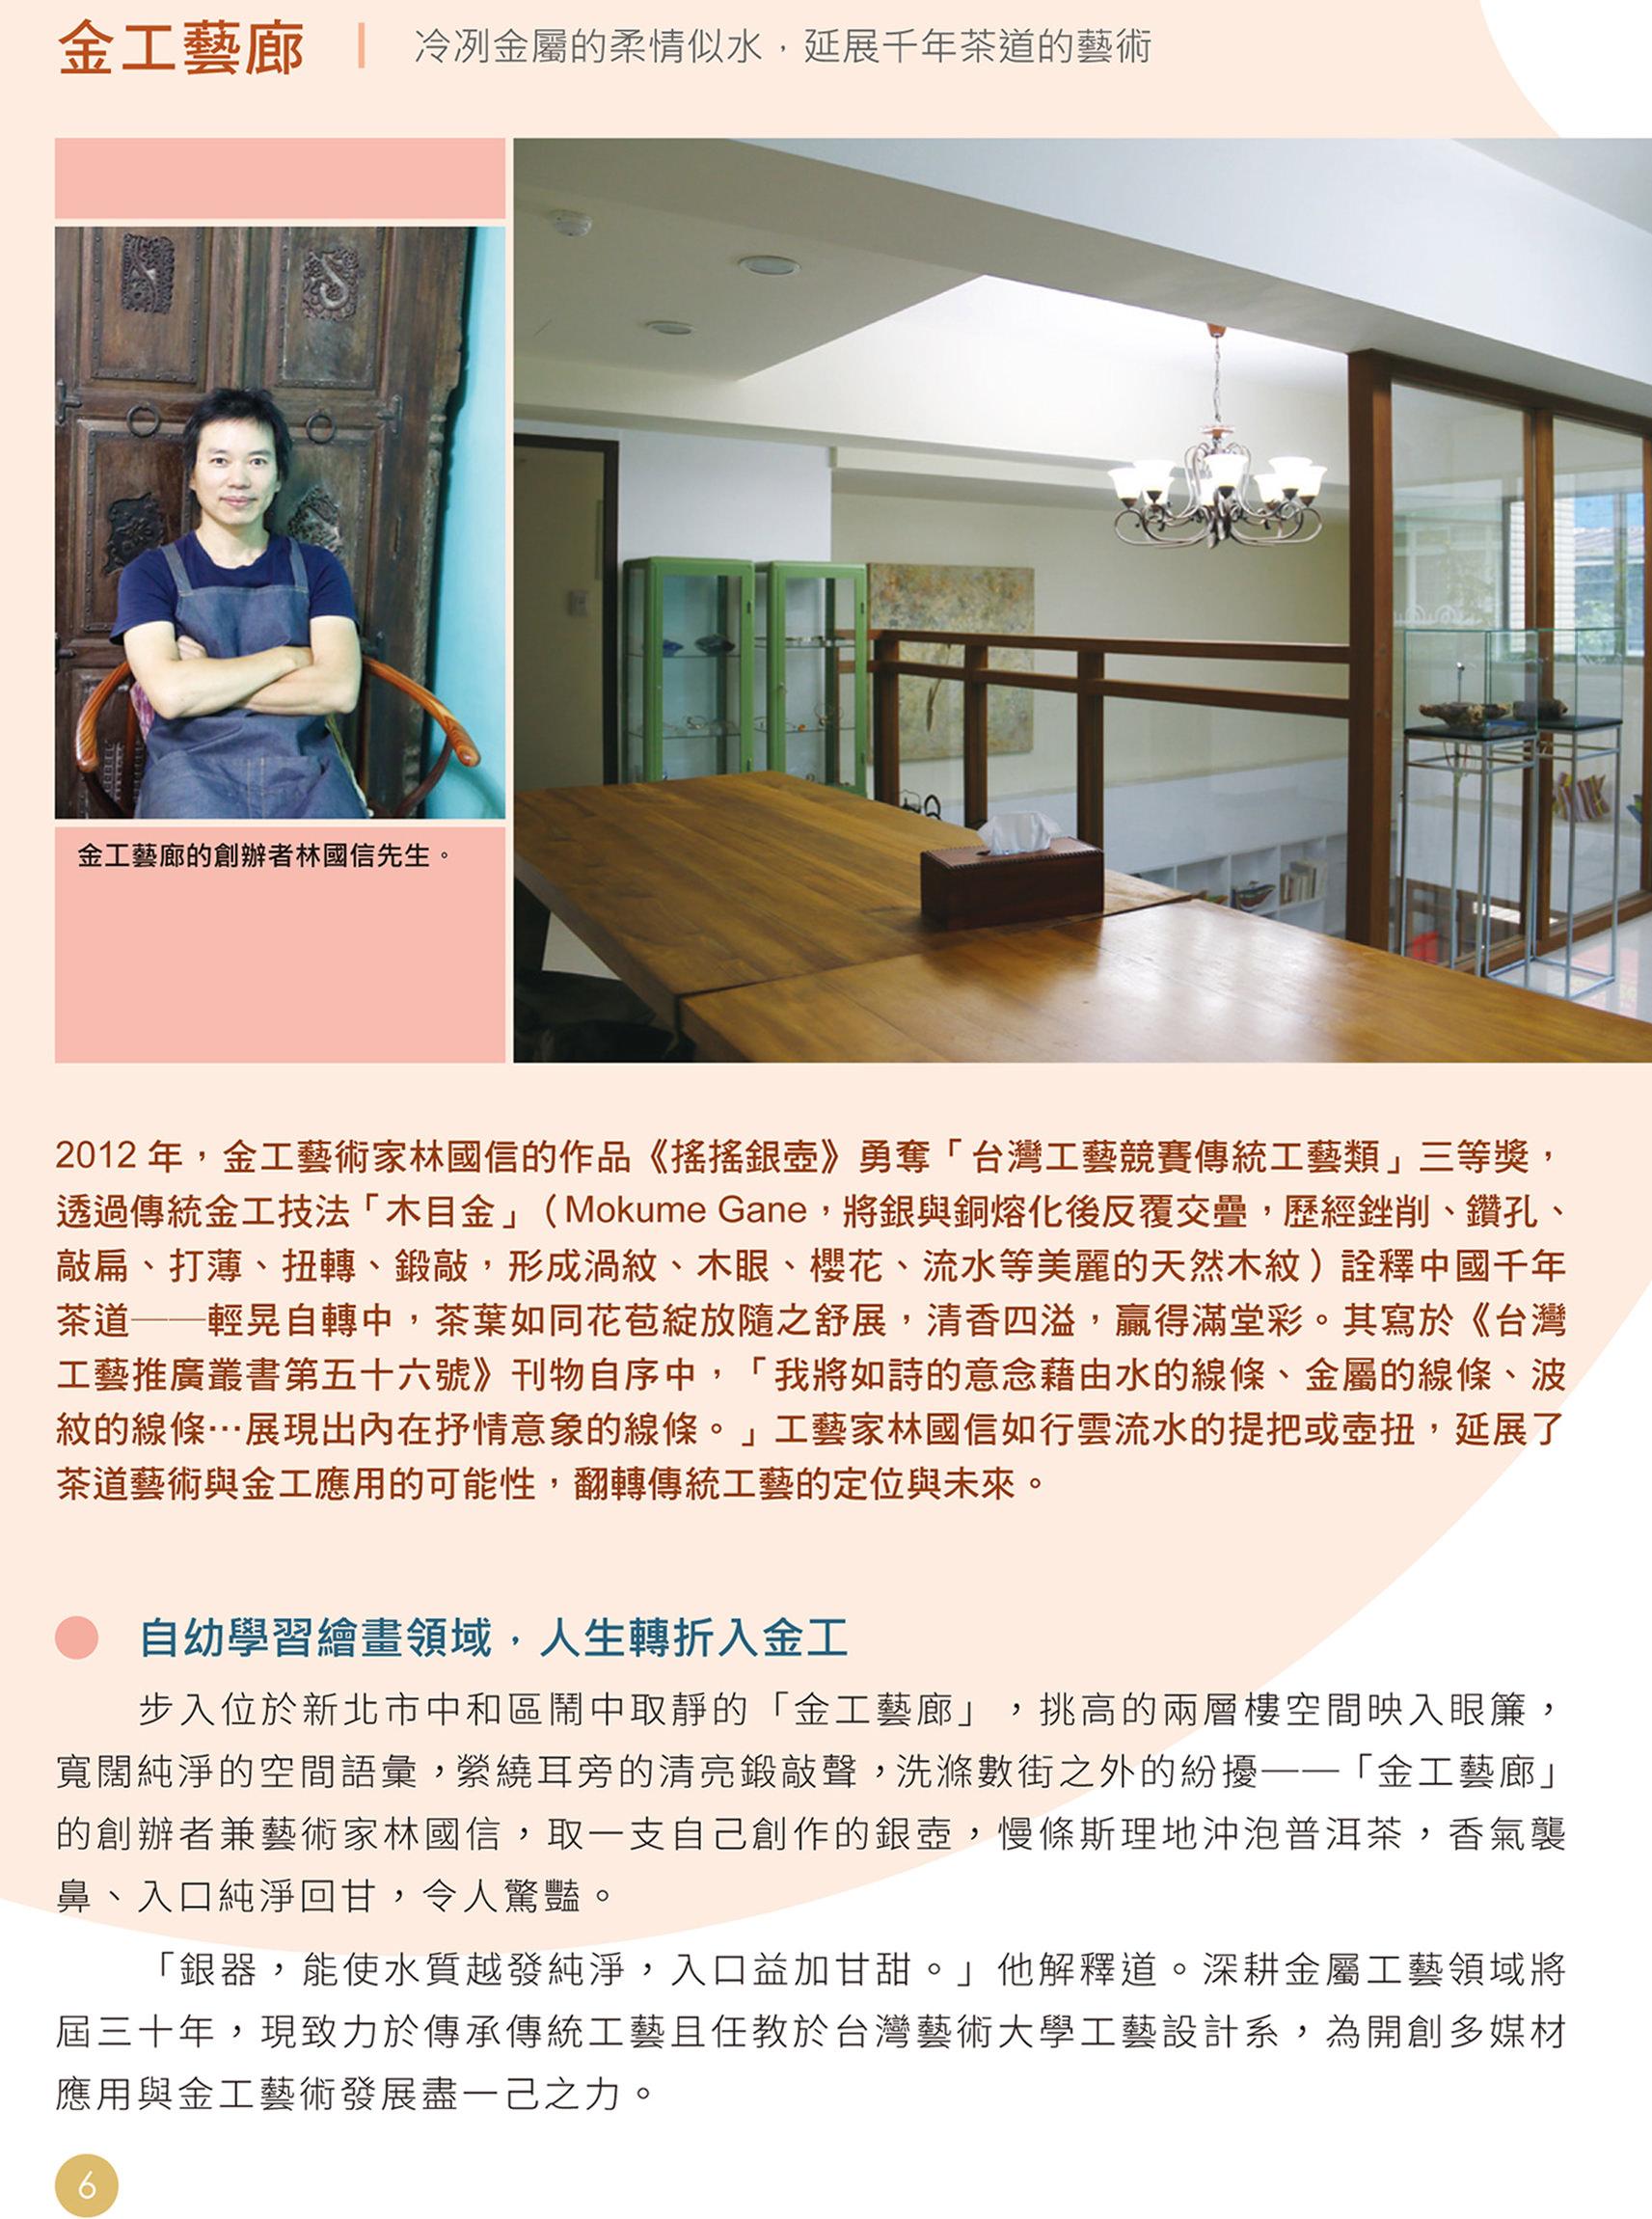 感謝華藝創意出版社報導金工藝廊─「世界上最有力量的是夢想9」不妥協的創業人生